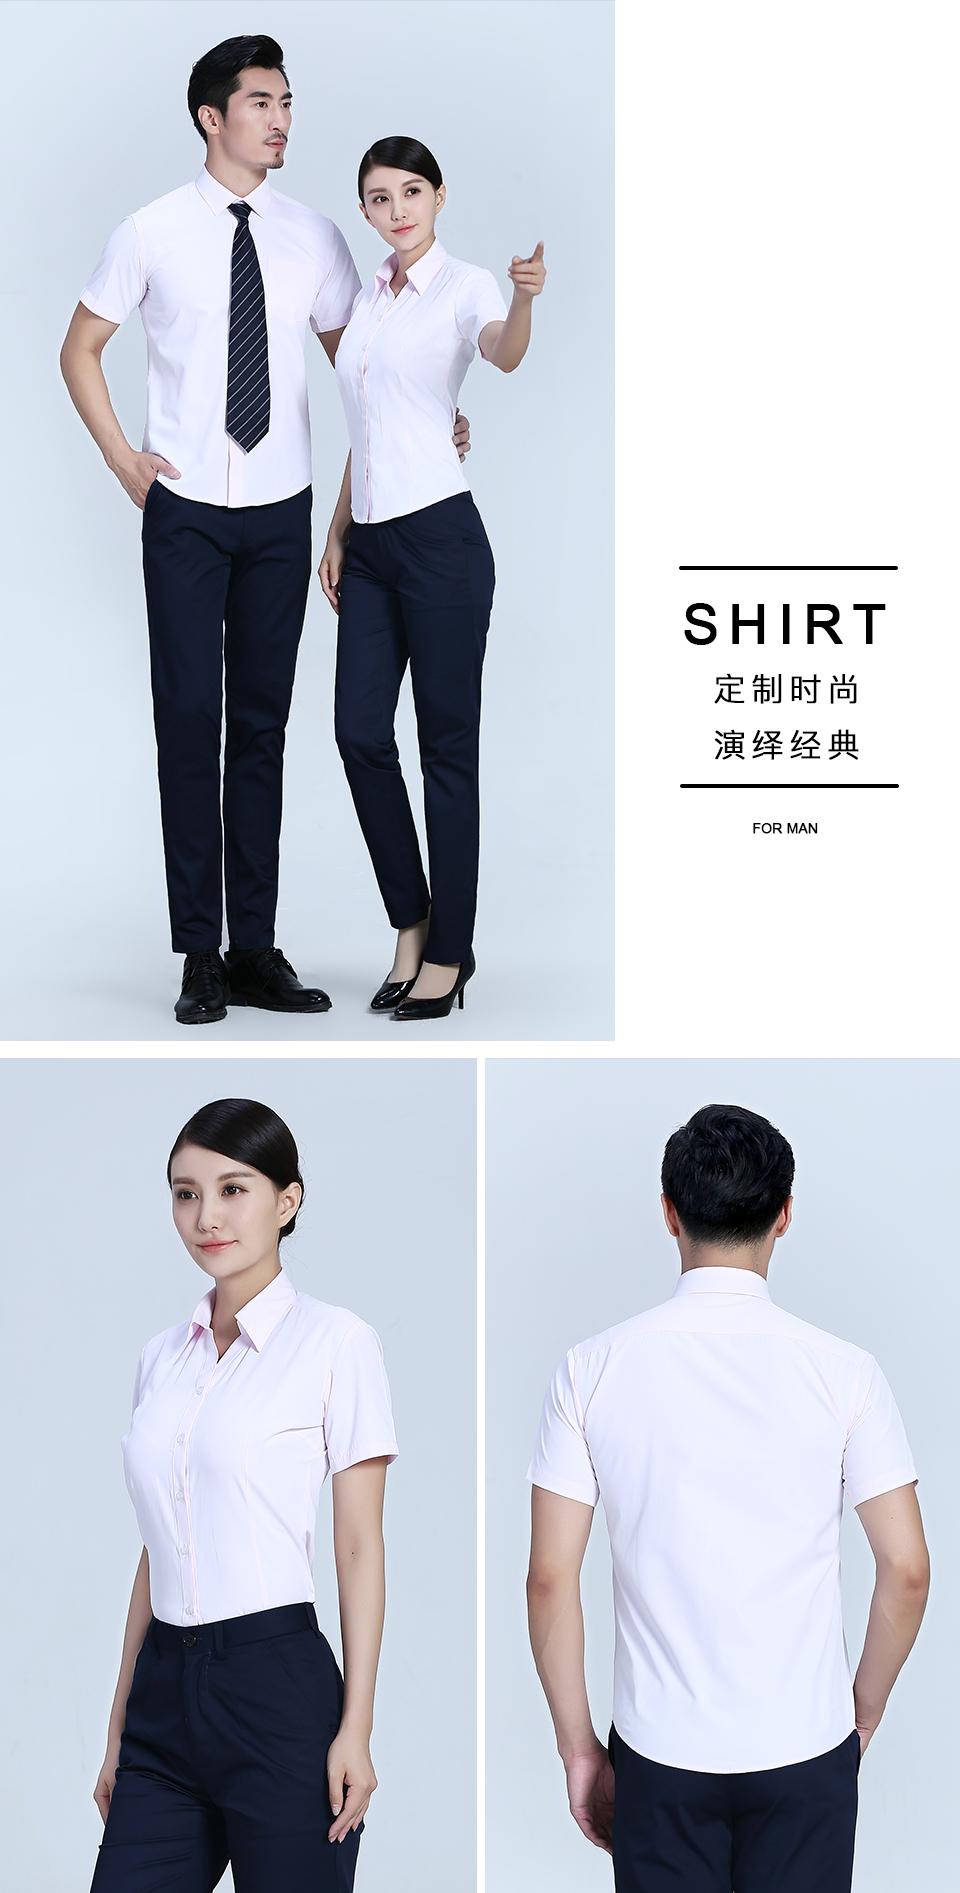 新款衬衫粉色男粉色全棉商务短袖衬衫